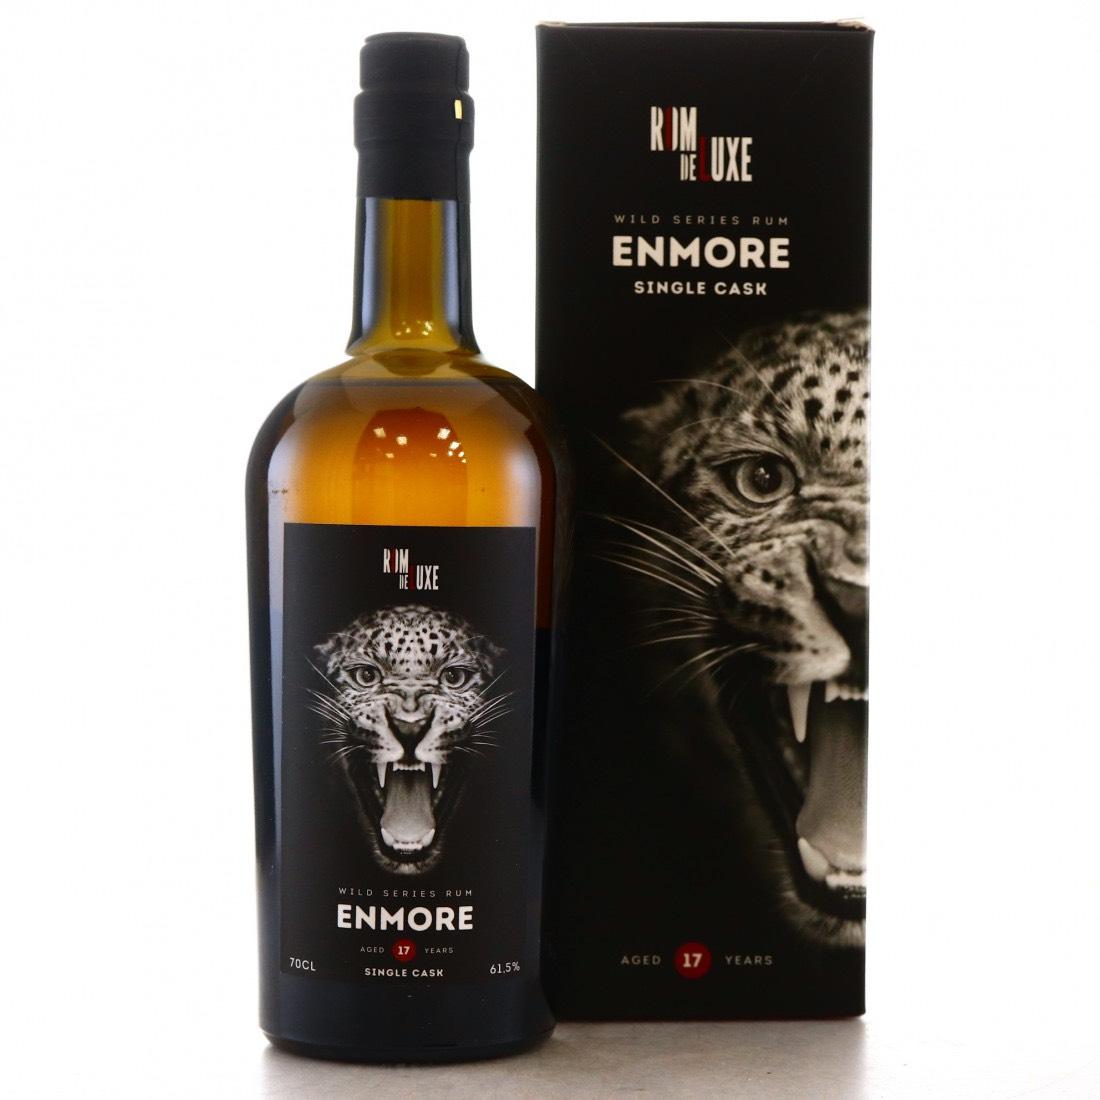 Bottle image of Wild Series Rum Enmore EHP